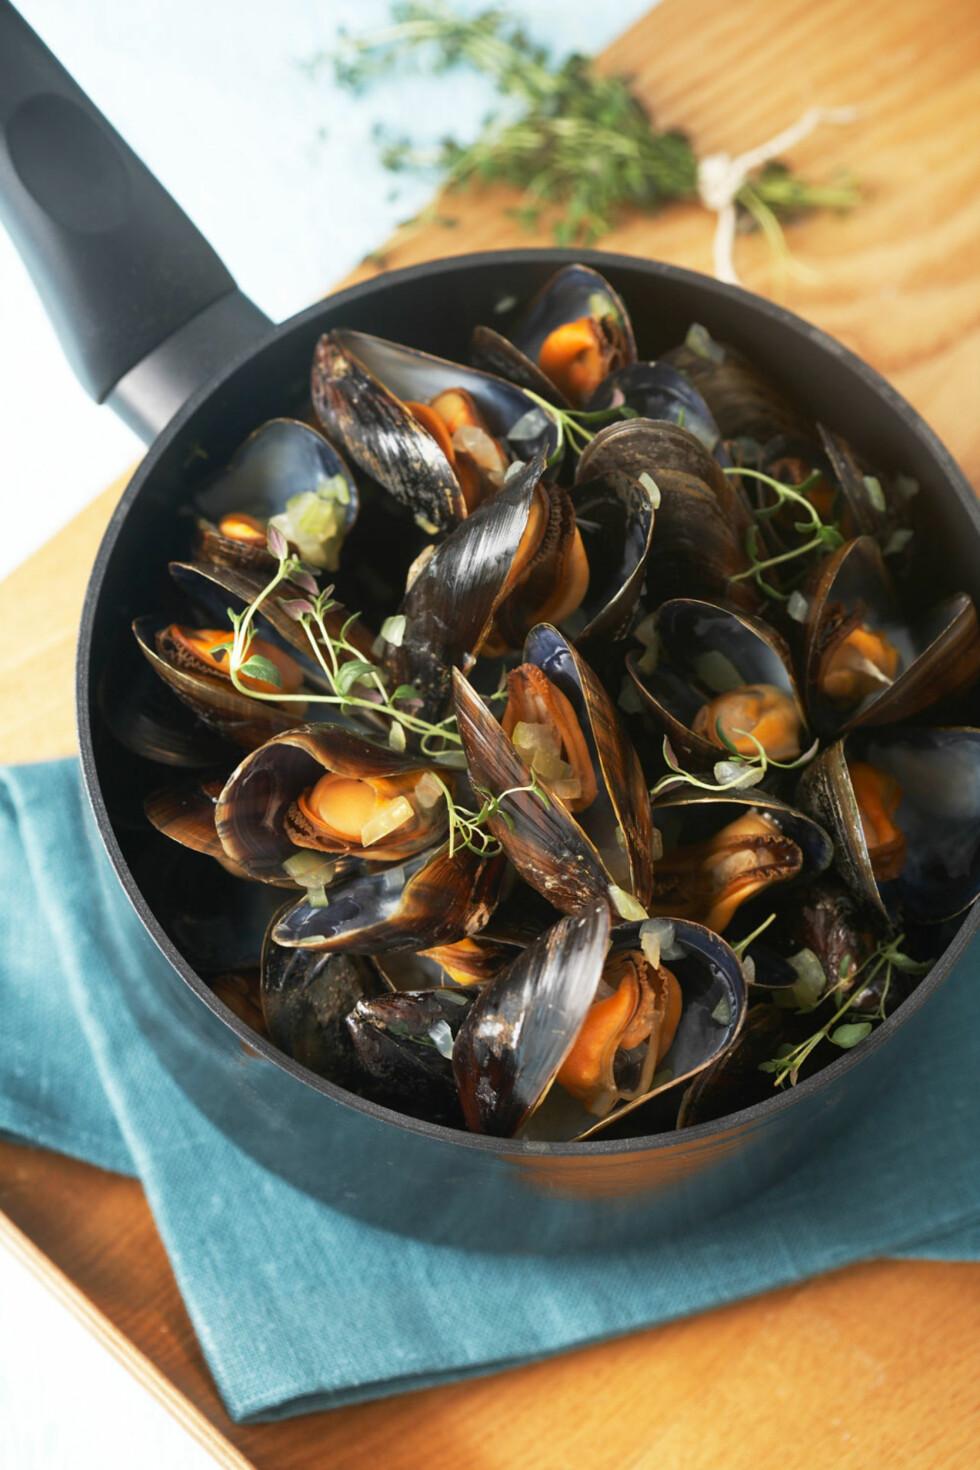 BLÅSKJELL I HVITVIN: Dette er den klassiske, franske måten å servere blåskjell på. Vi har kokt dem, men du kan også tilberede i aluminiumsfolie over et bål eller på grillen.  Foto: Synøve Dreyer